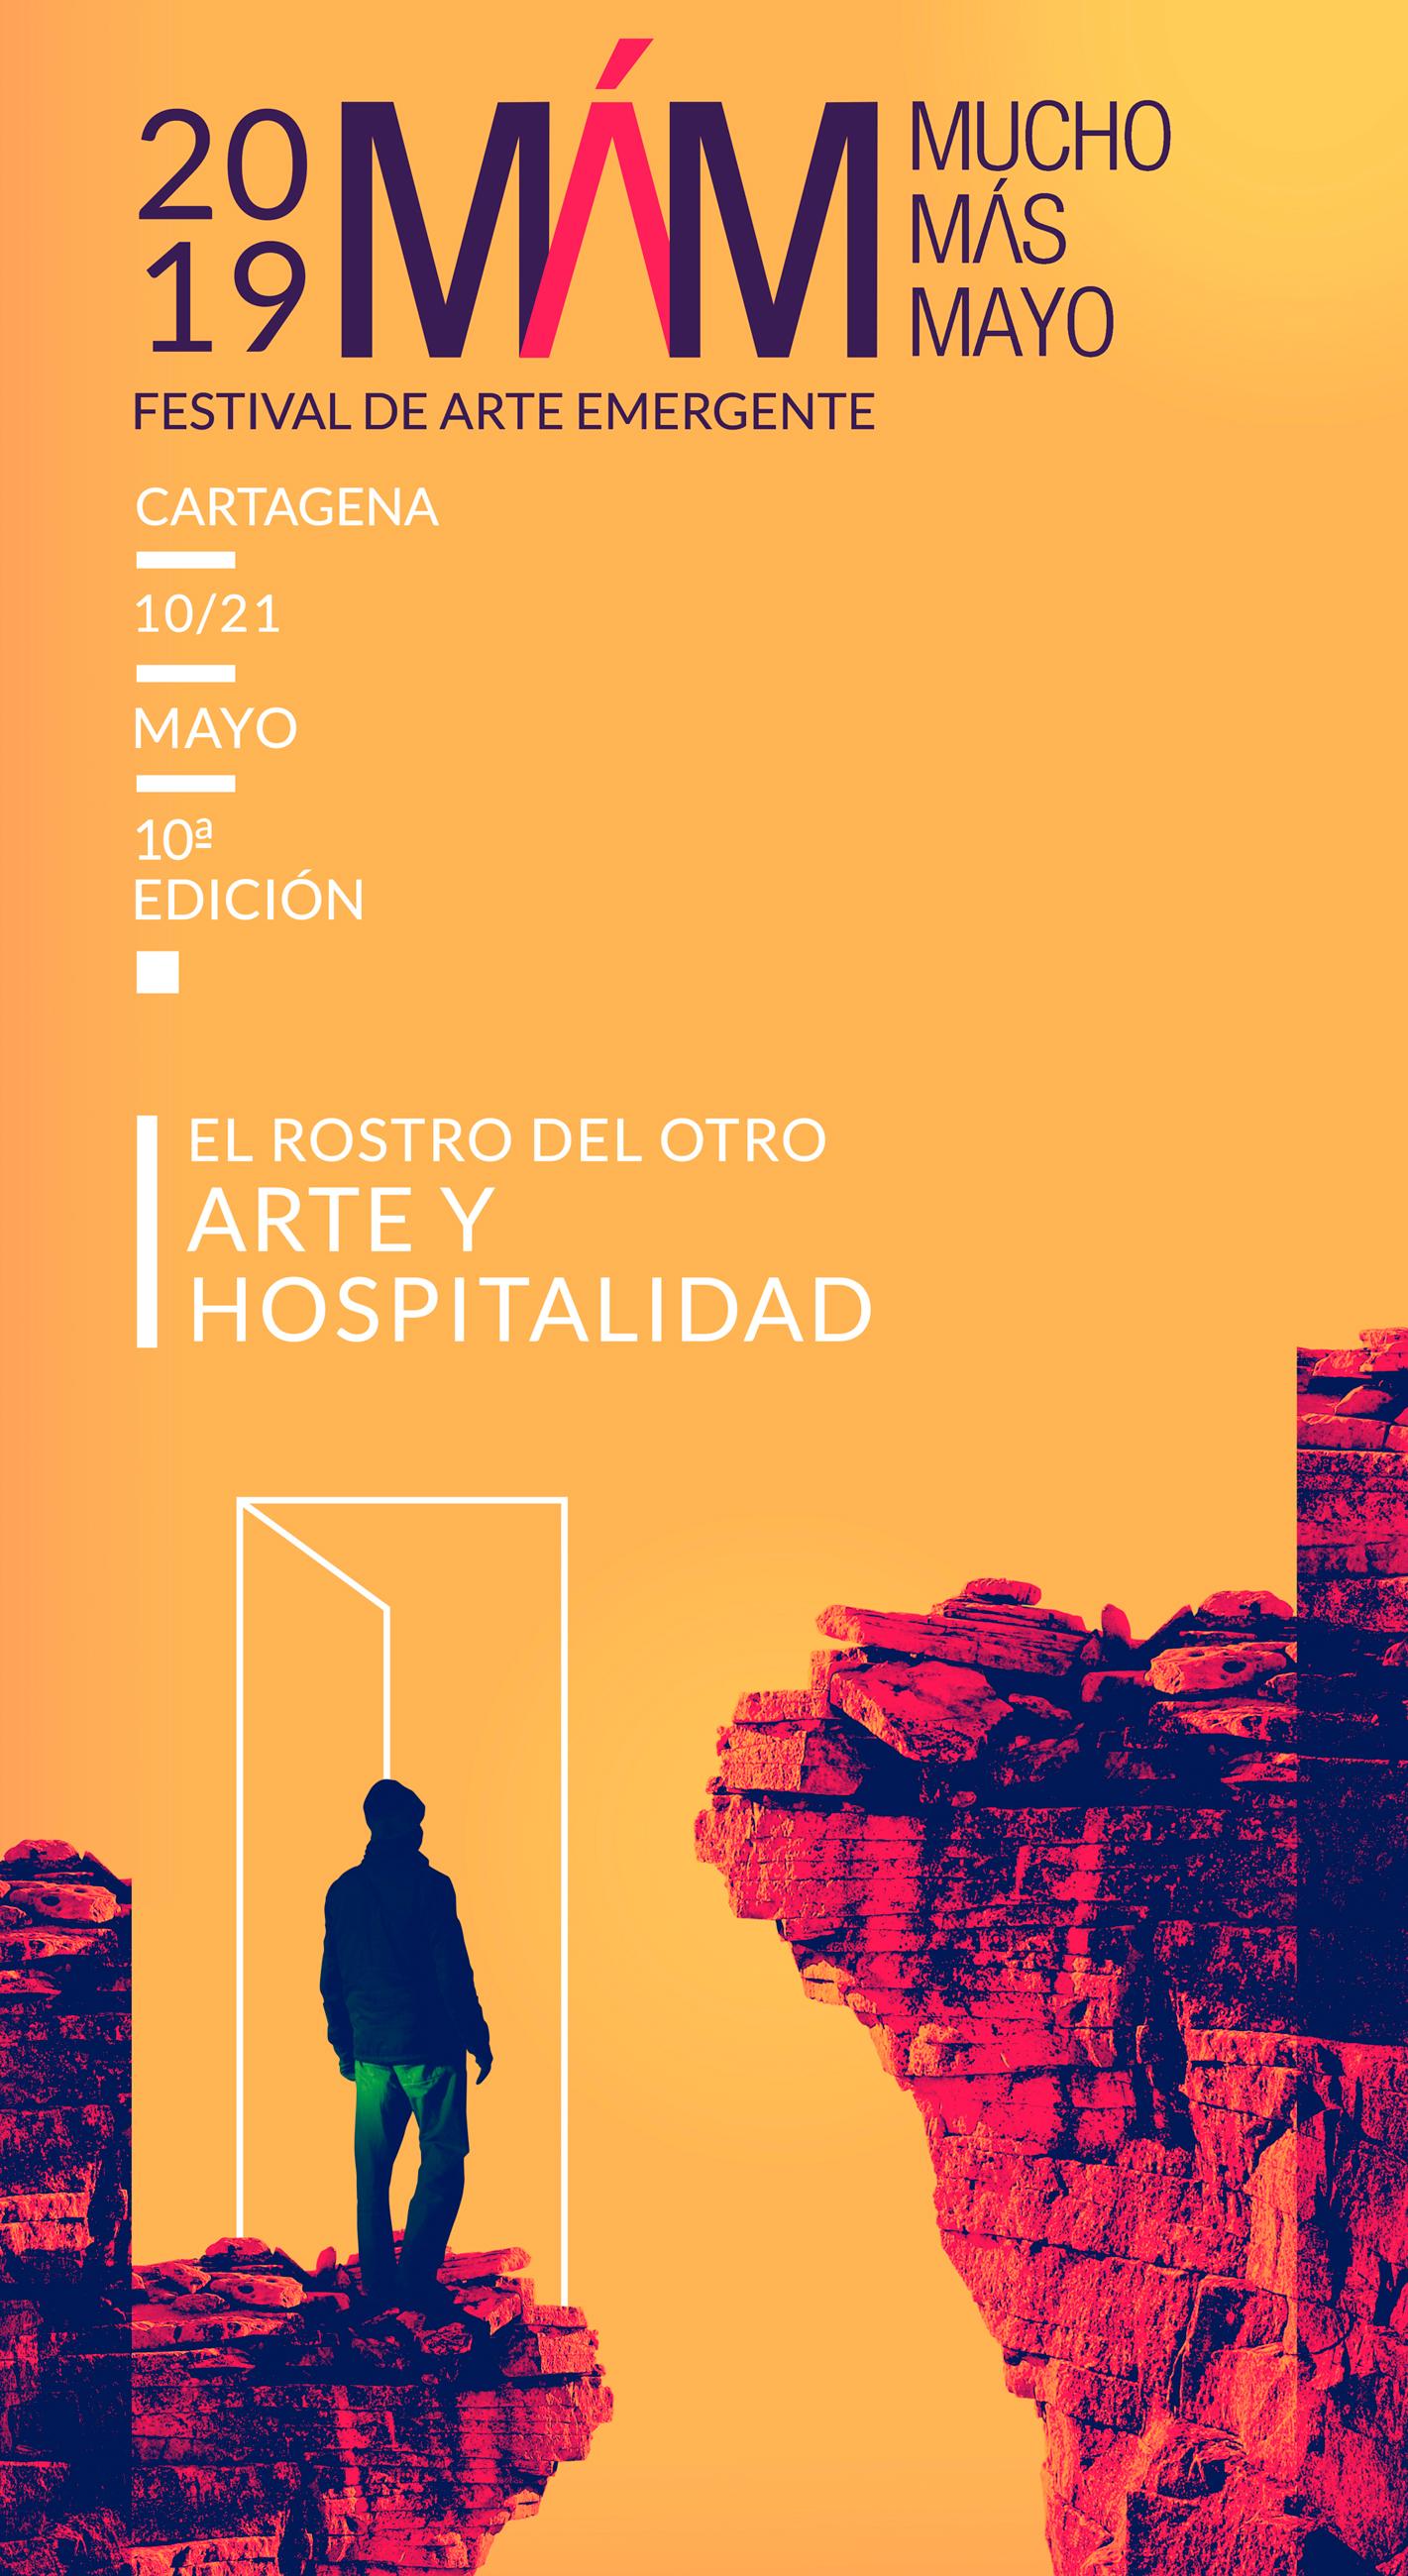 Mucho Mas Mayo Ayuntamiento De Cartagena